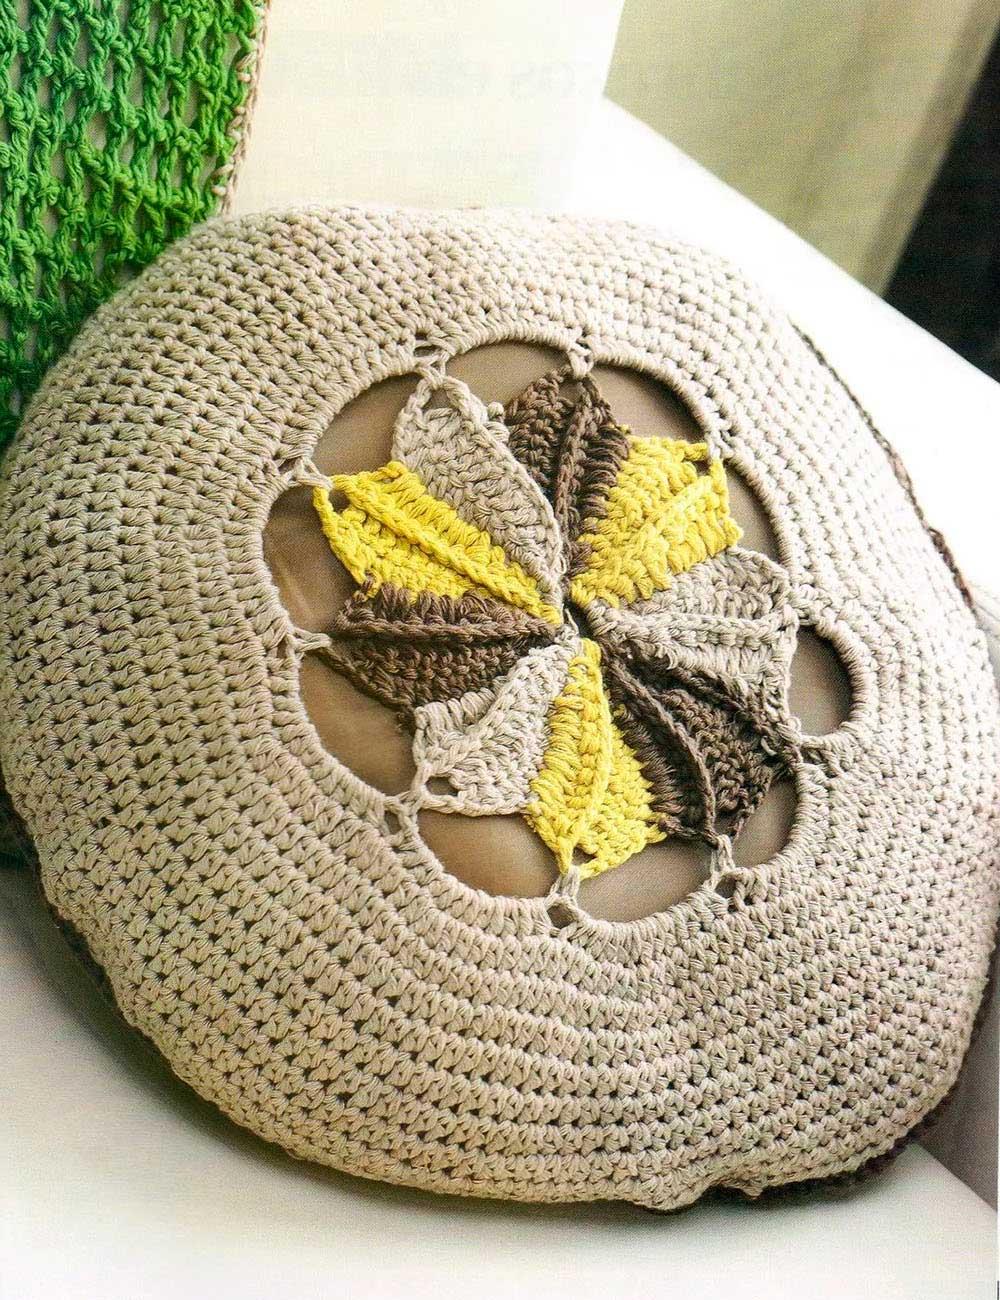 cojín, almohadón,ganchillo, crochet, hogar